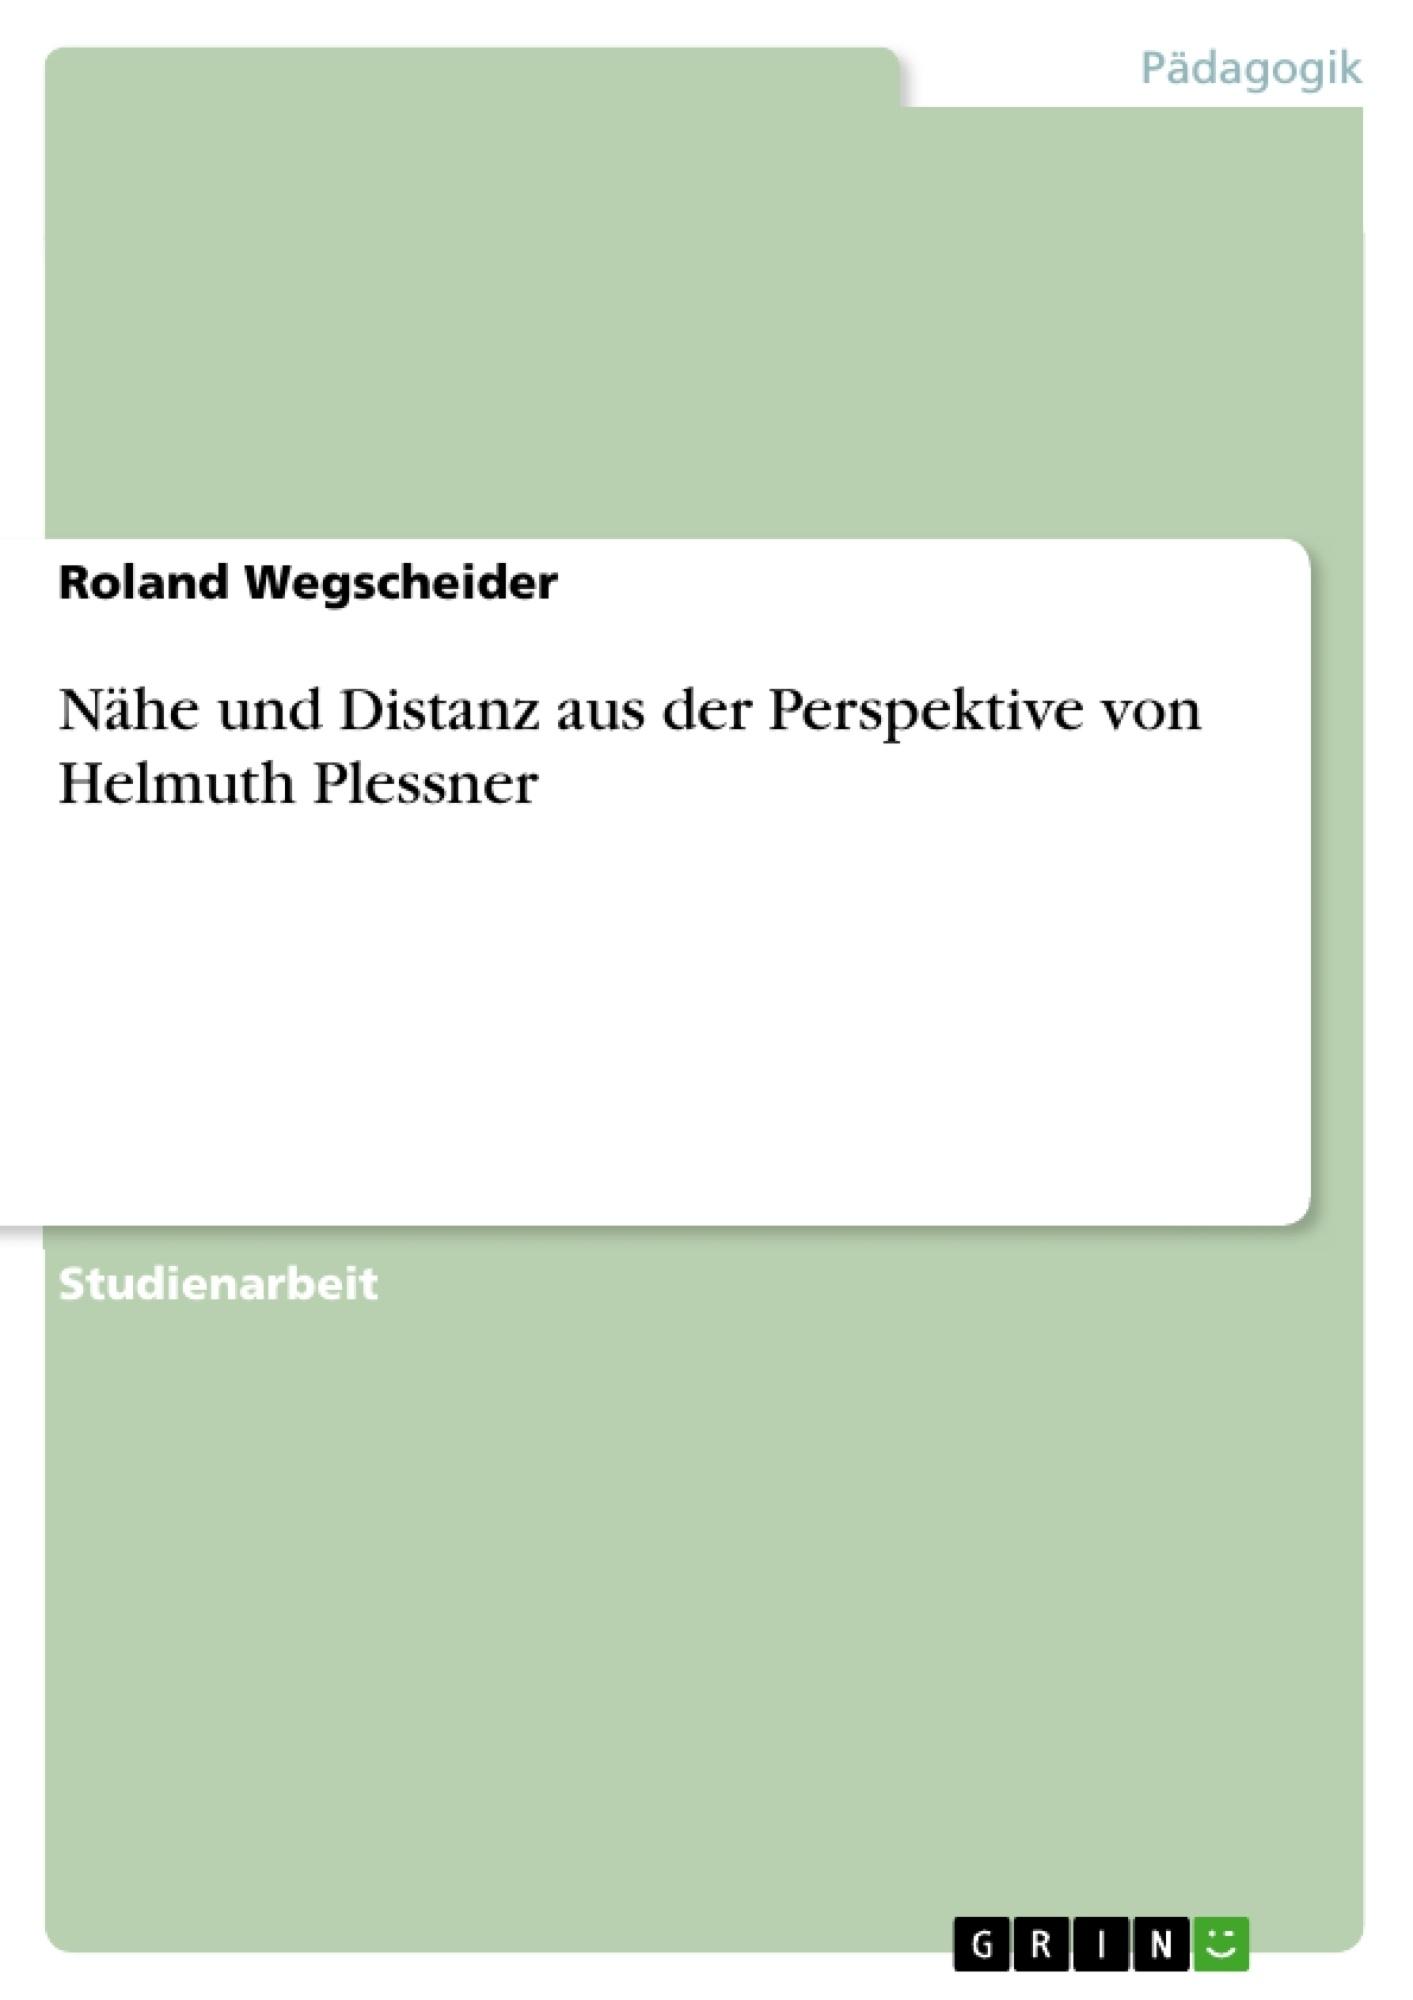 Titel: Nähe und Distanz aus der Perspektive von Helmuth Plessner